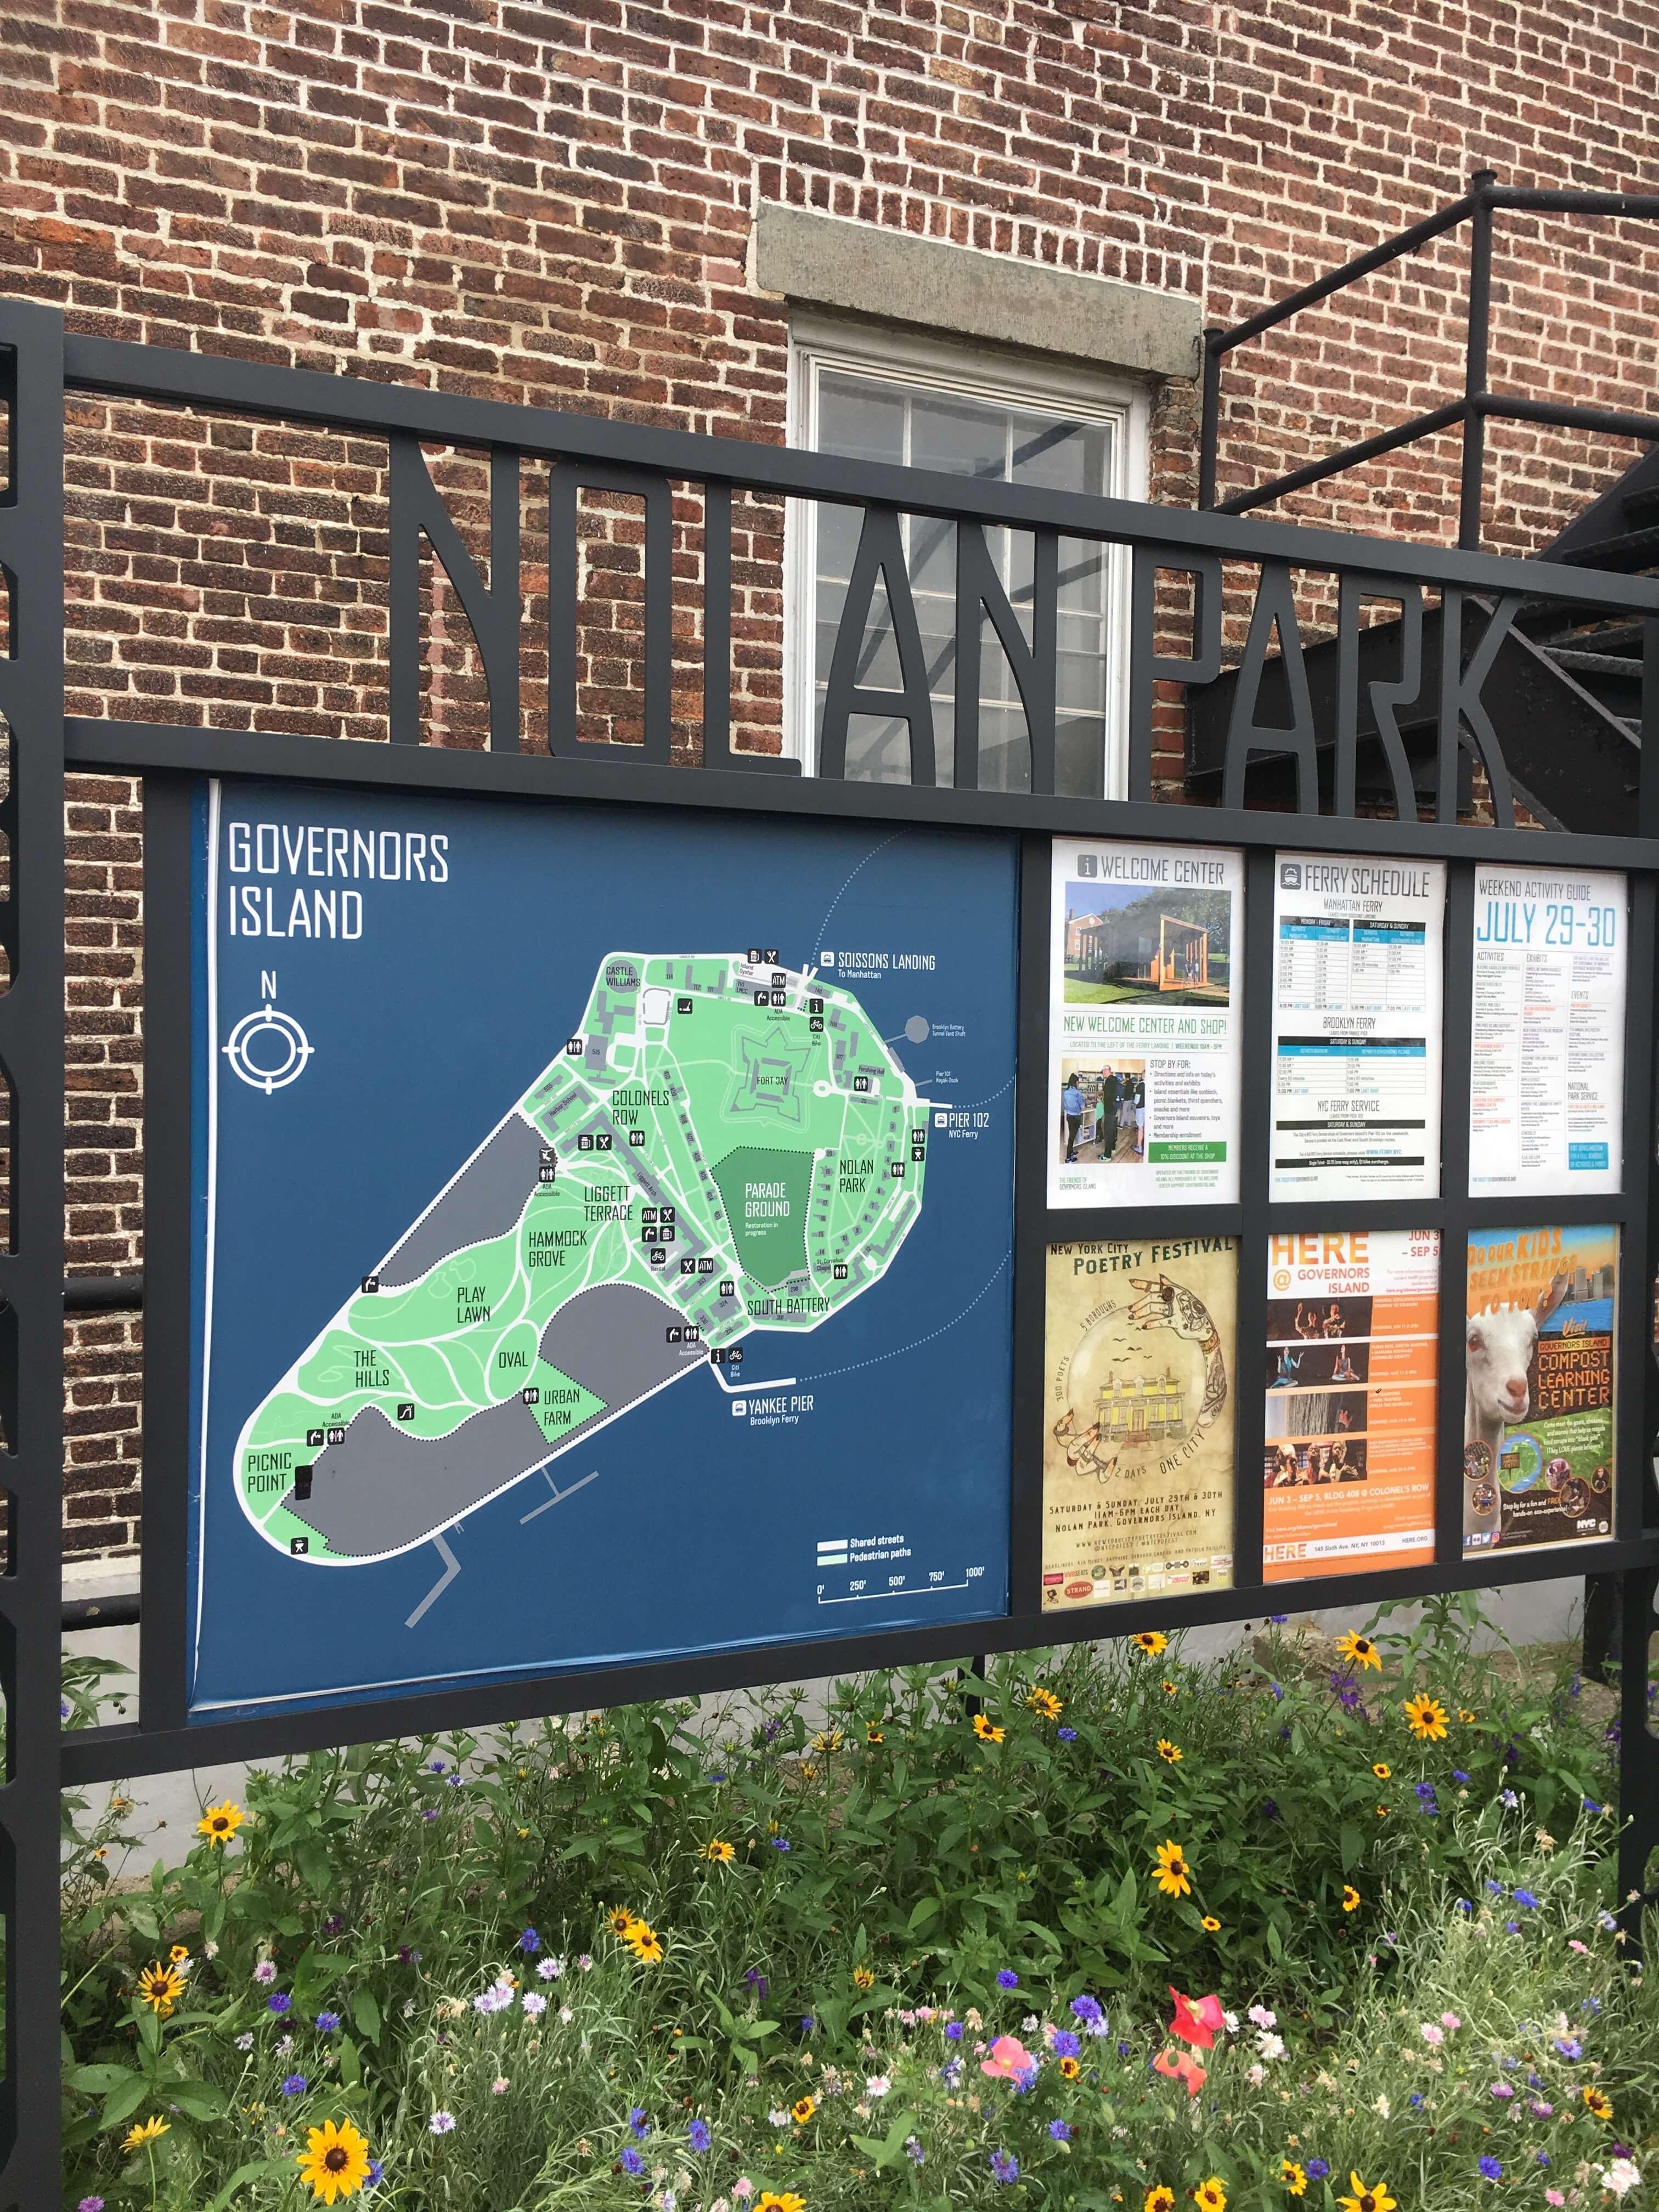 nolan park governors island